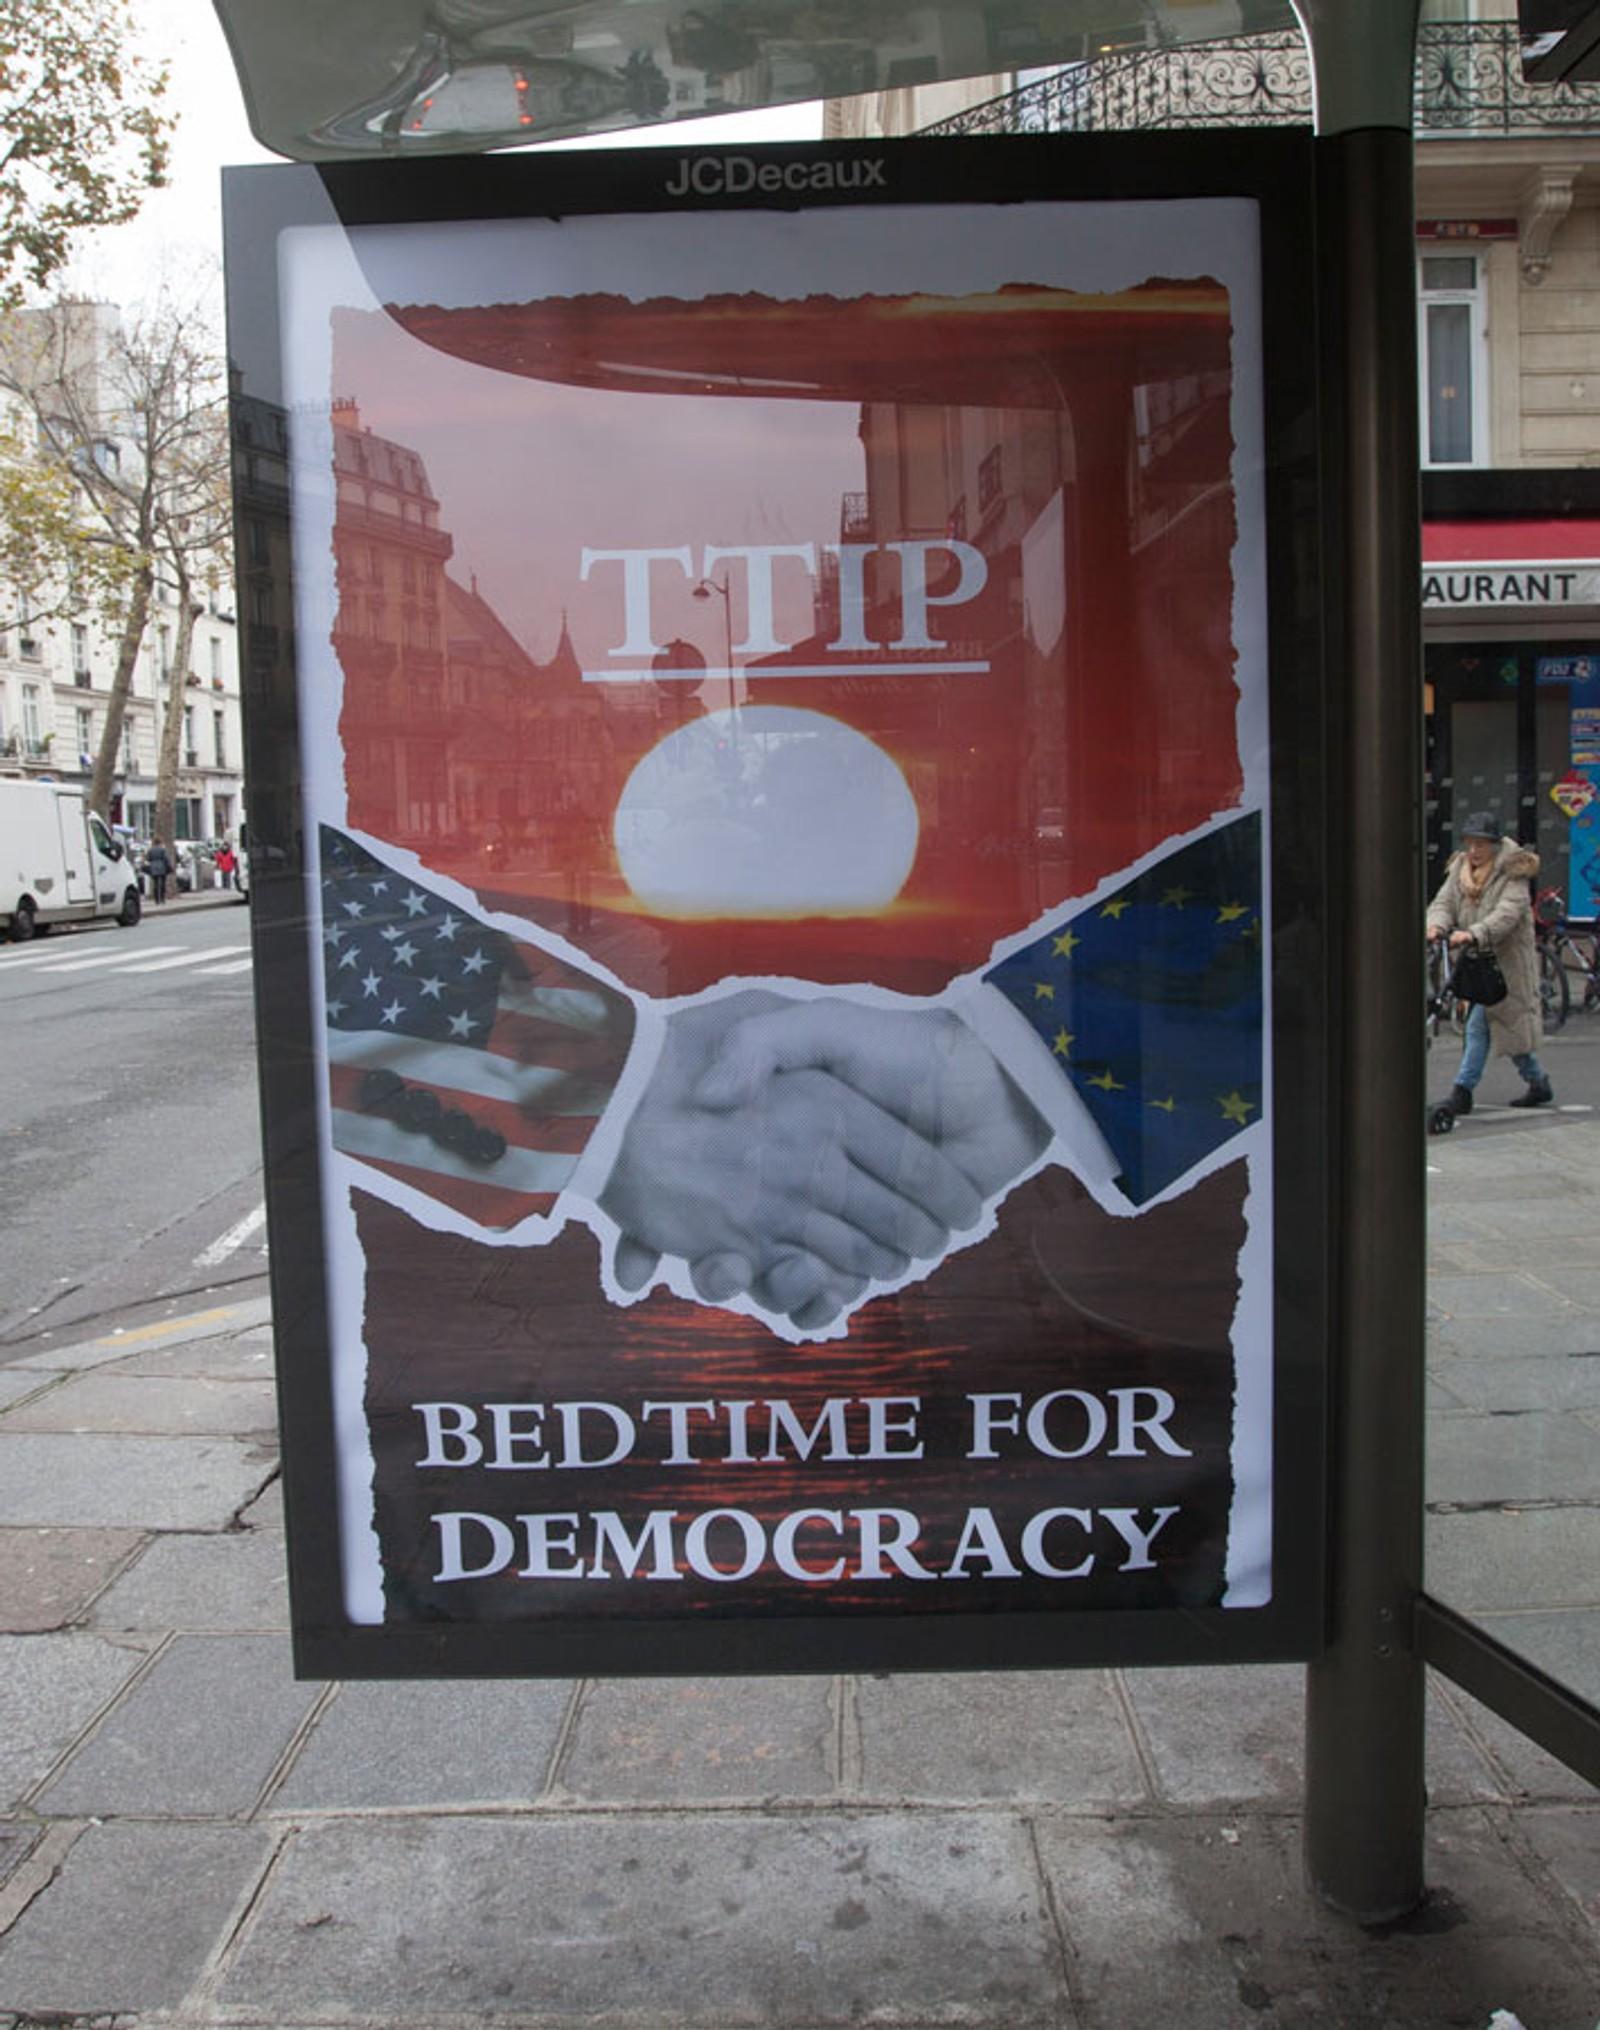 TTIP: Transatlantic Trade and Investment Partnership har irritert på seg klimaforkjemperne. Handelsavtalene mellom EU og USA har fått kritikk for ikke å være bærekraftige.